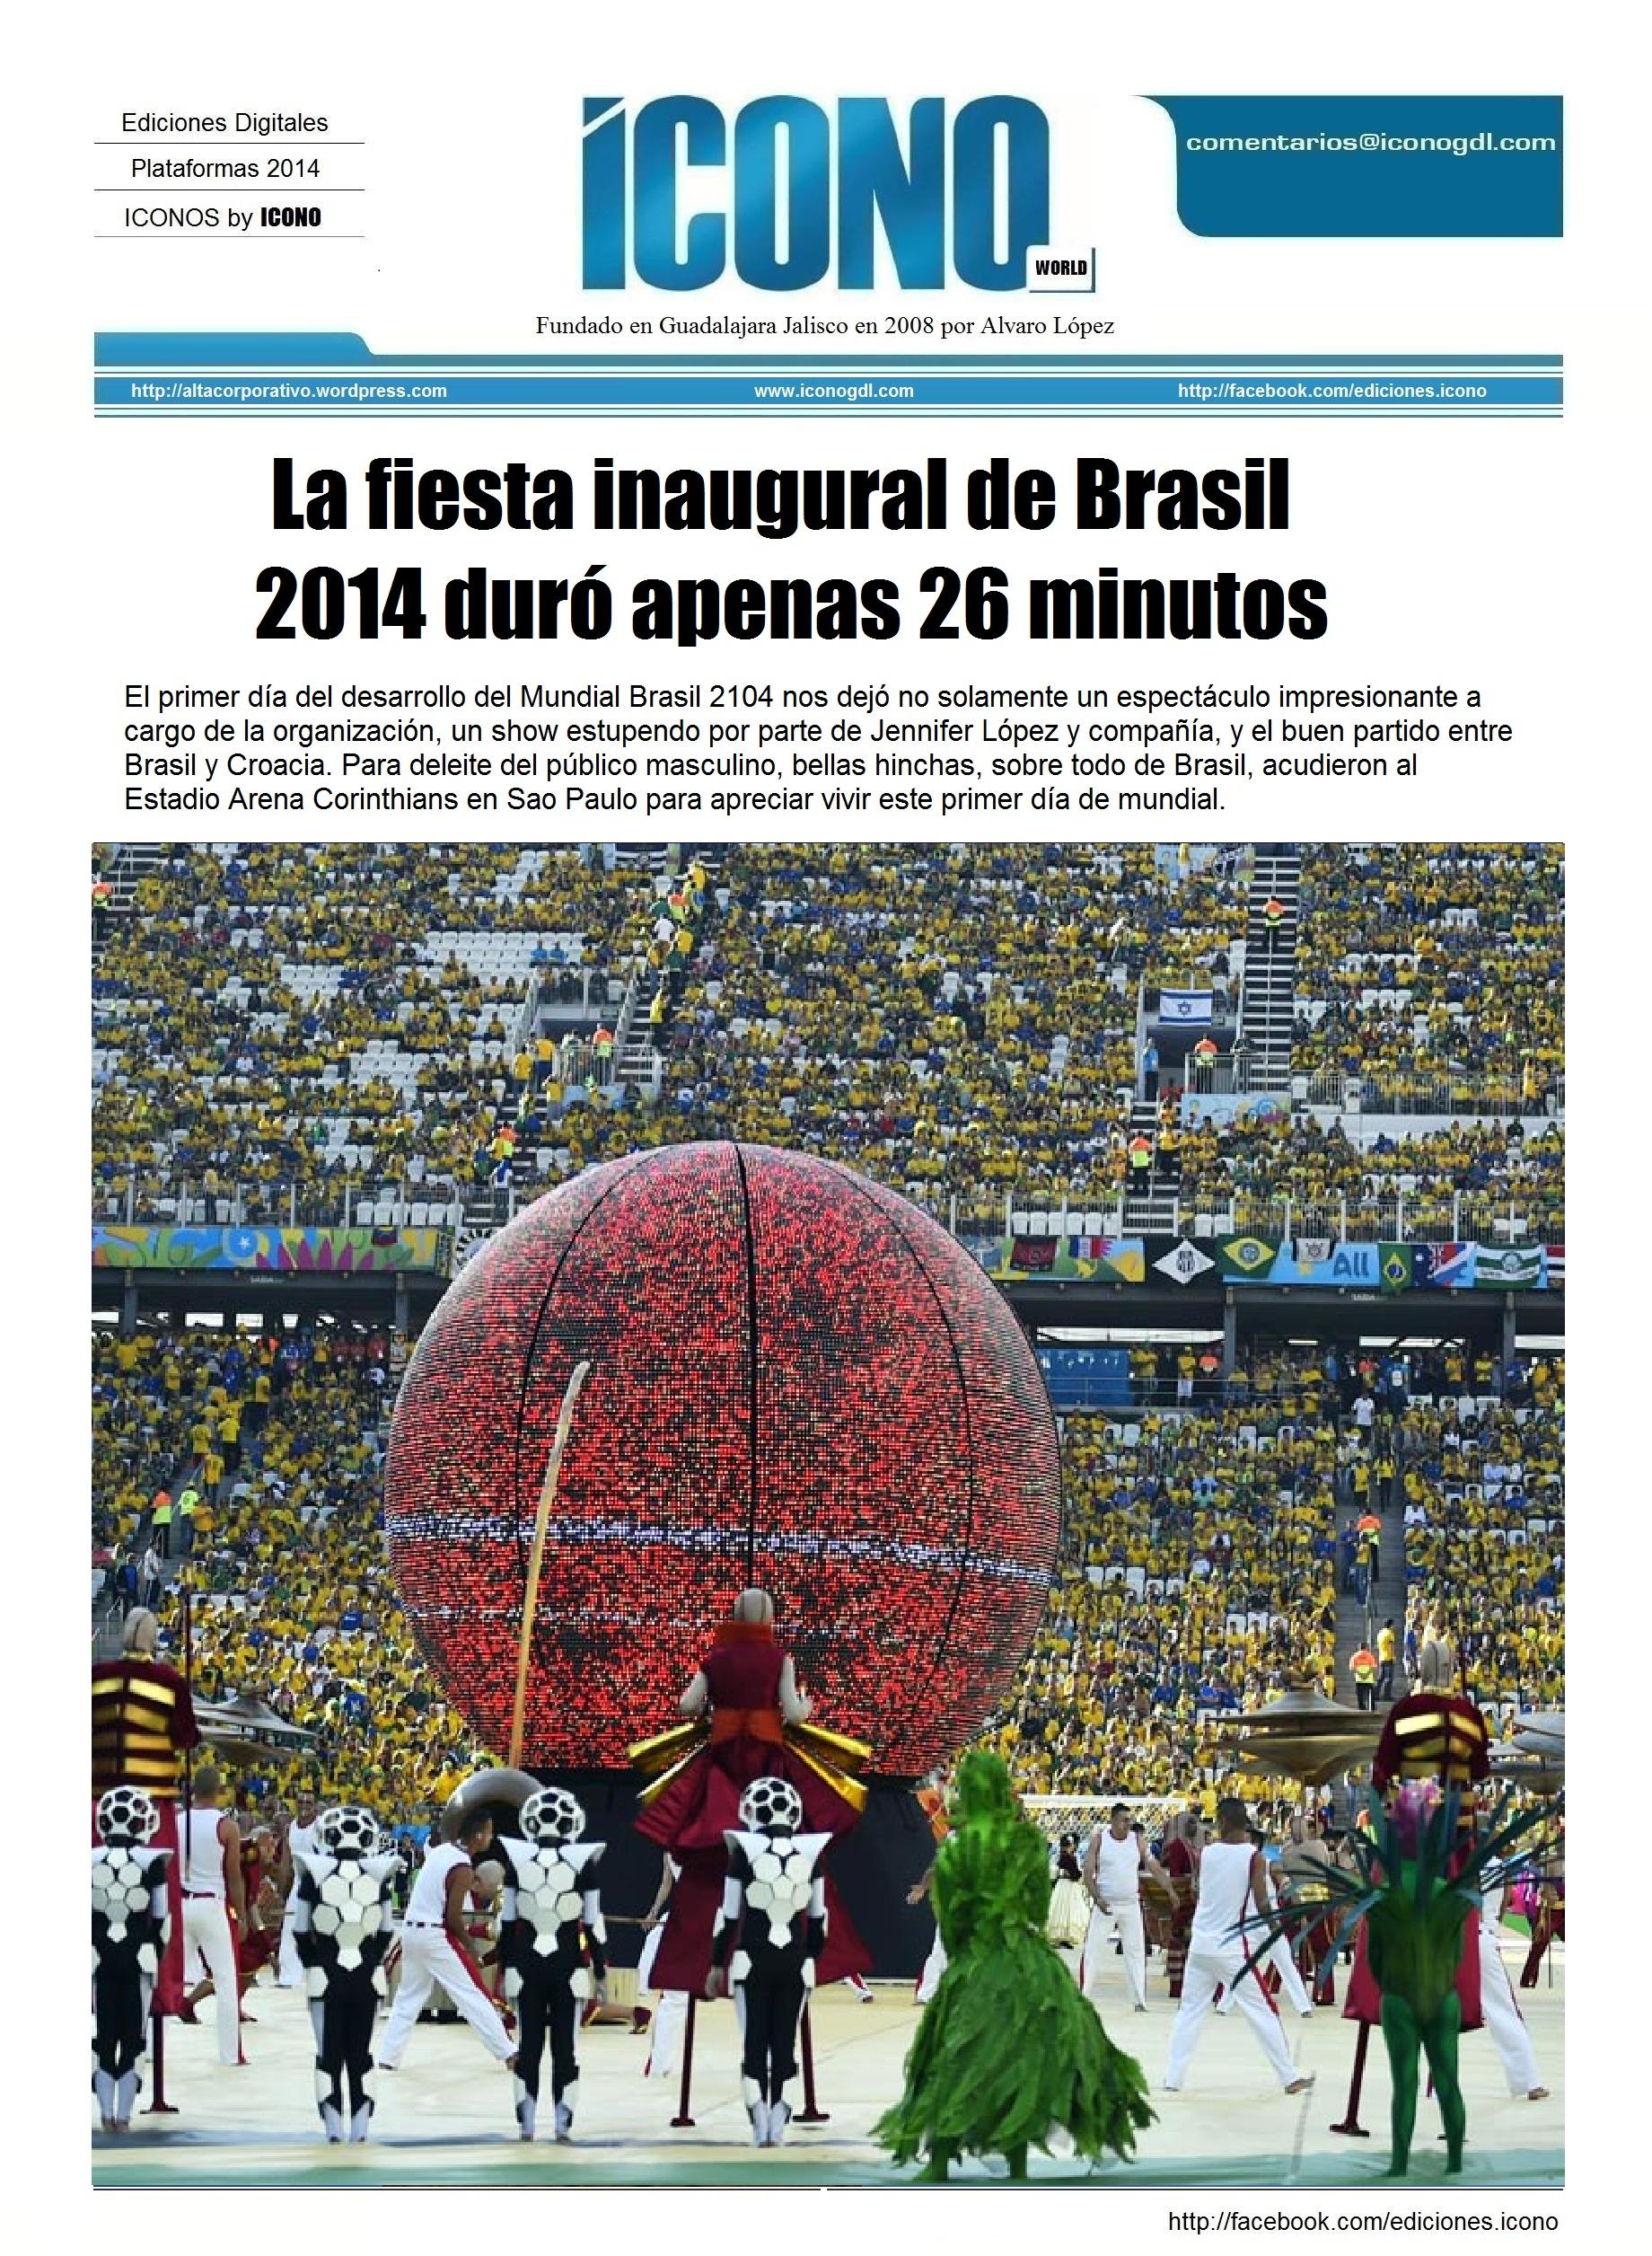 Mundial de Futbol | Hemeroteca INDICE by ICONO